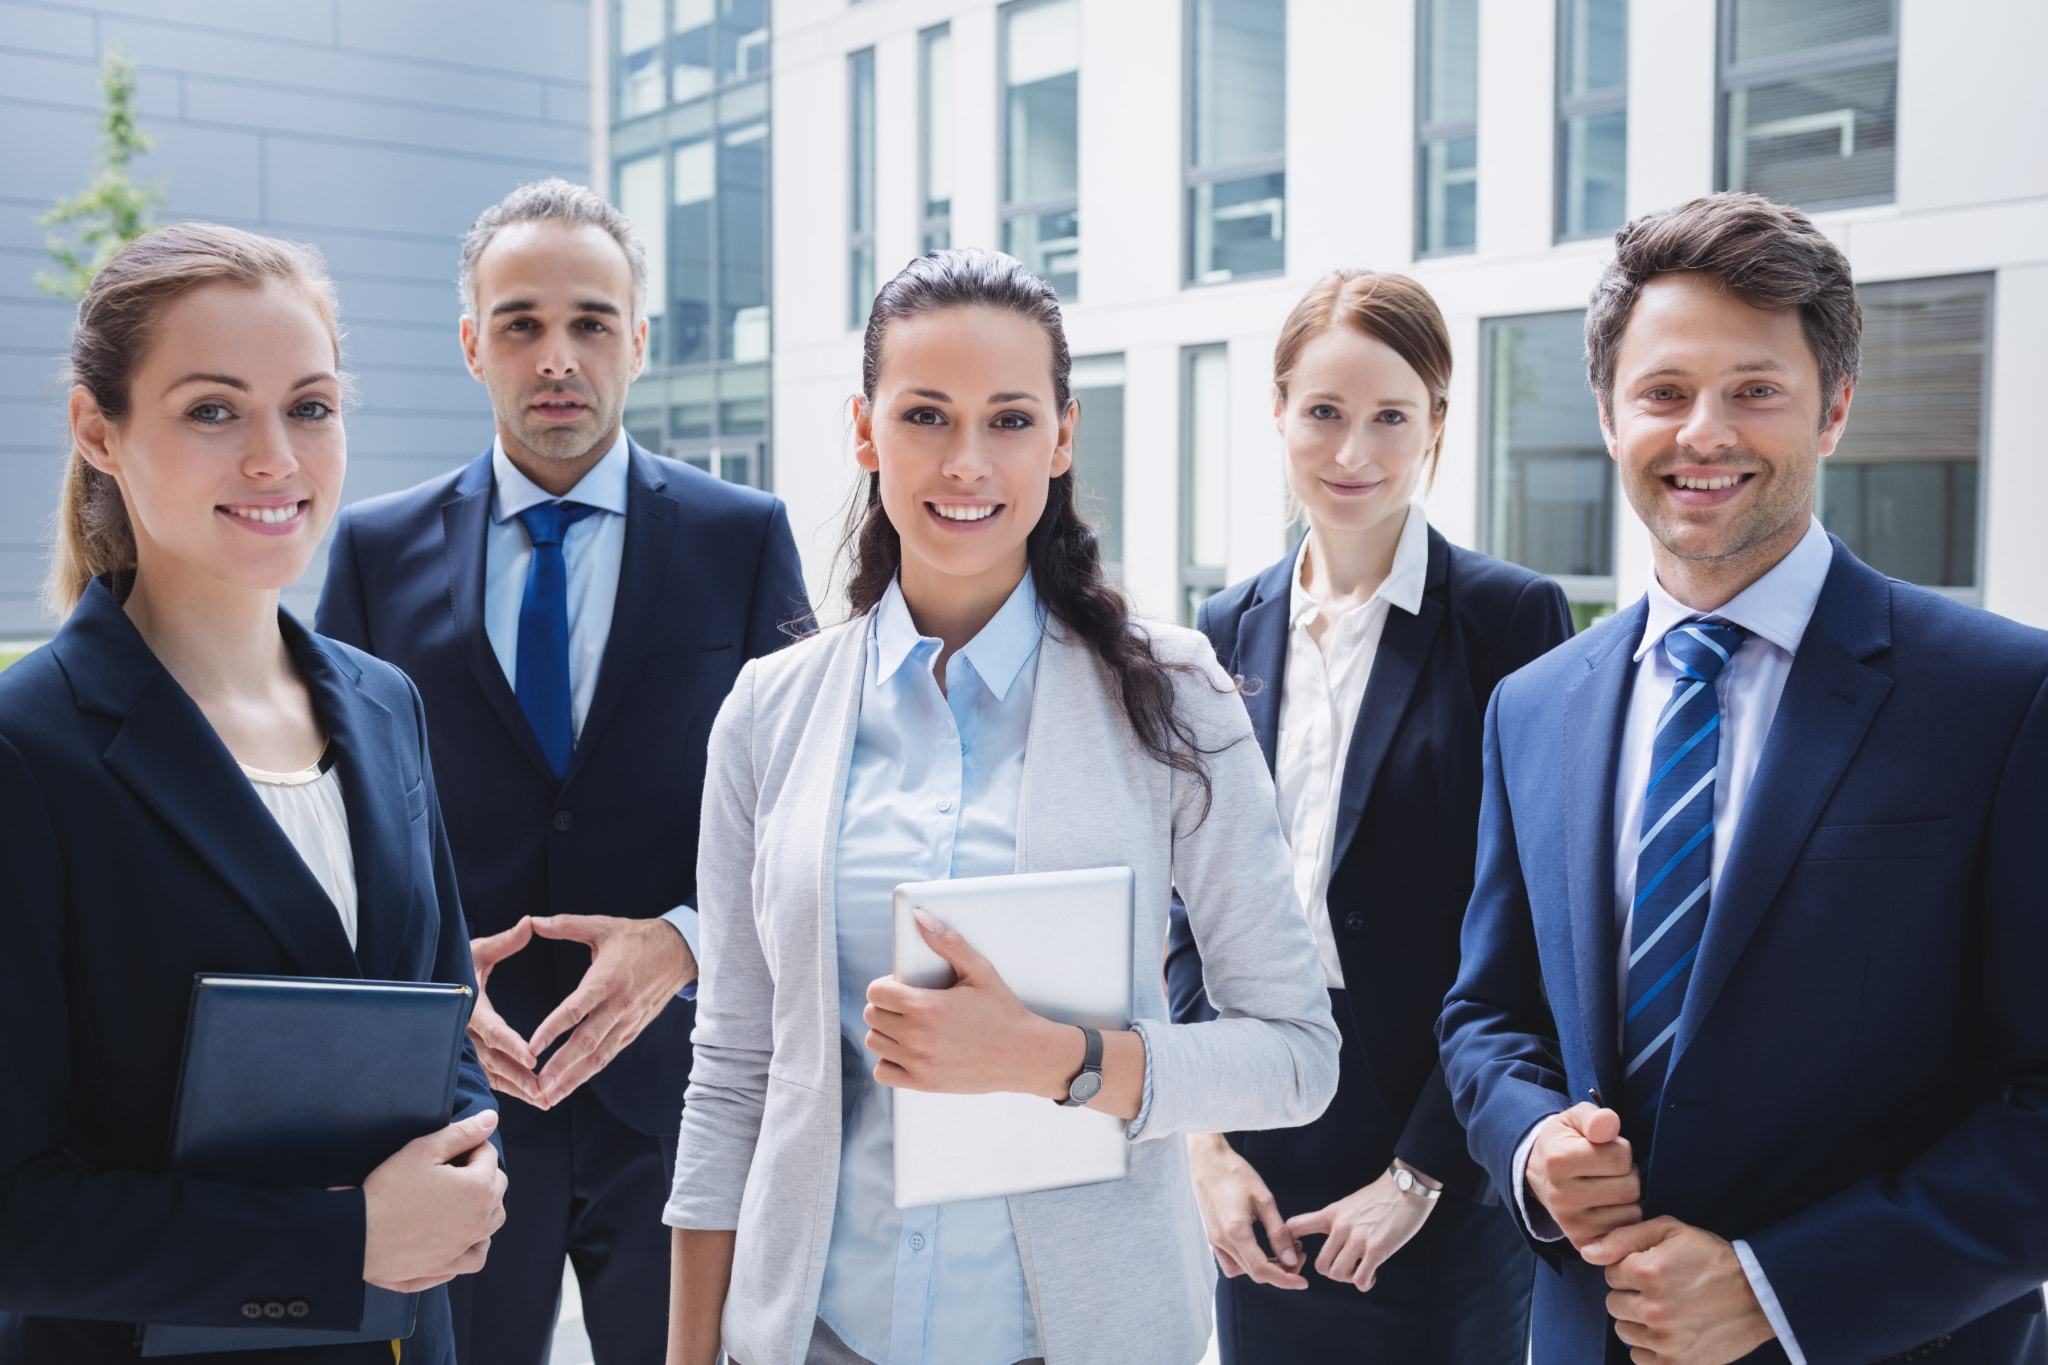 Hommes et femmes d'affaires se tenant devant un batiment d'affaire